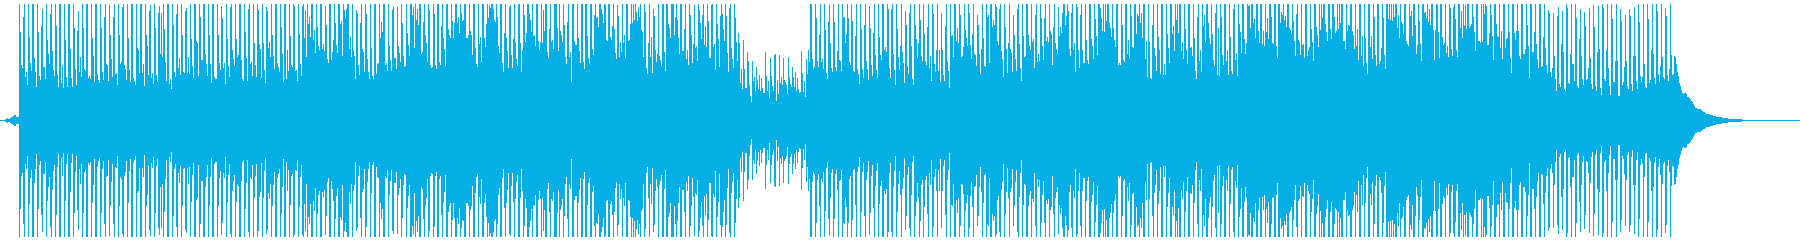 優しく温もりのあるアコギ&ピアノポップスの再生済みの波形